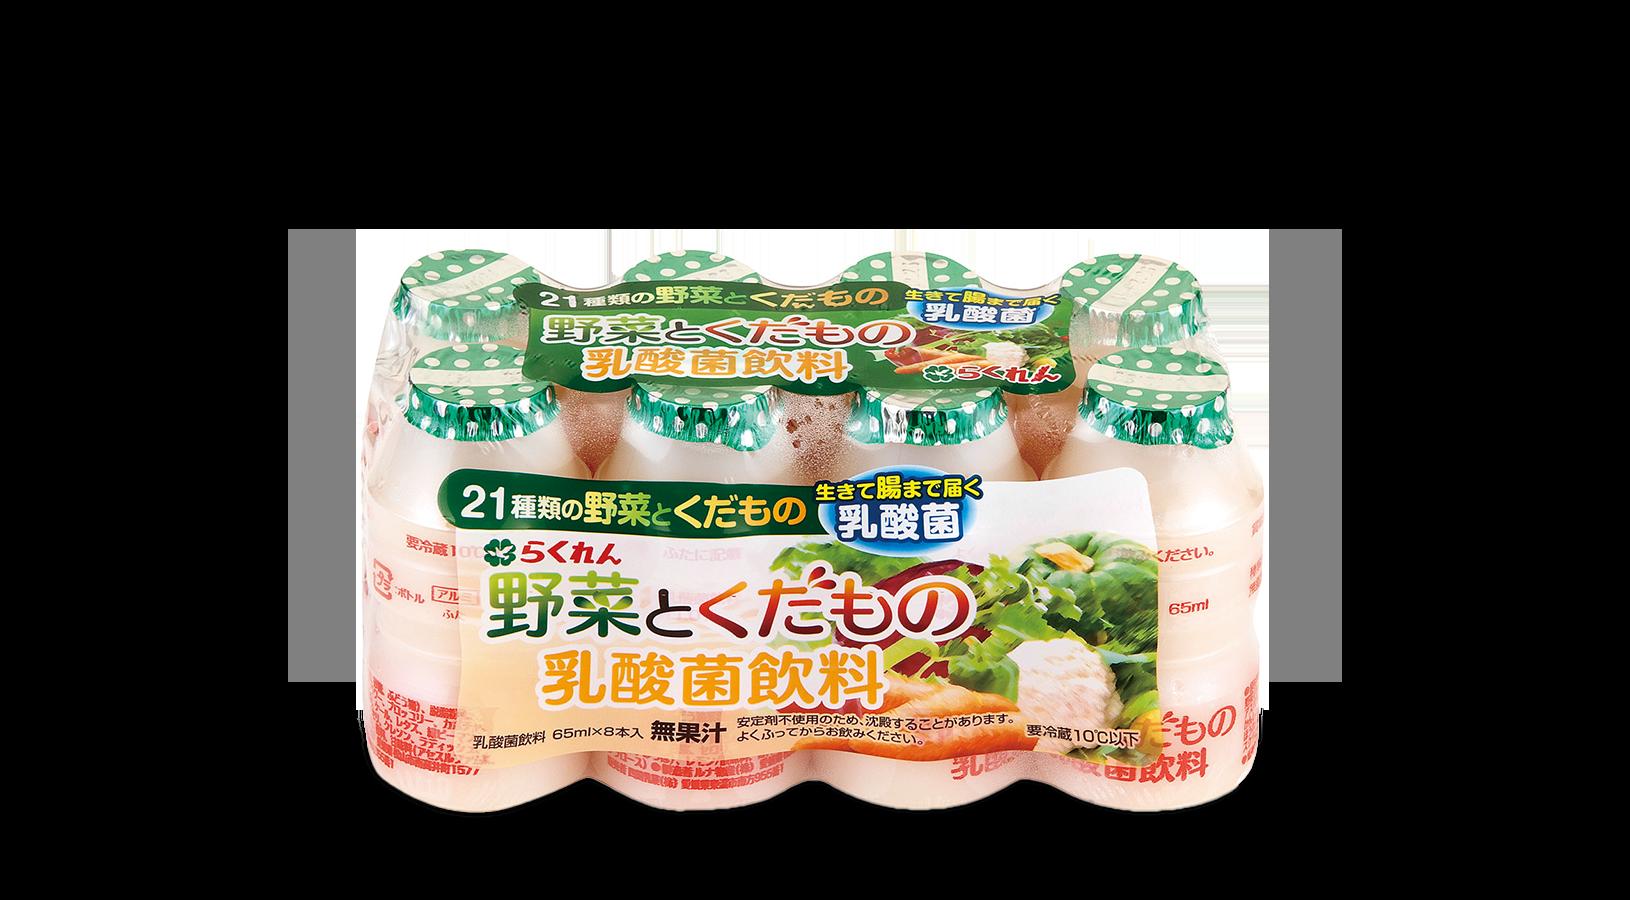 商品イメージ:野菜とくだもの乳酸菌飲料